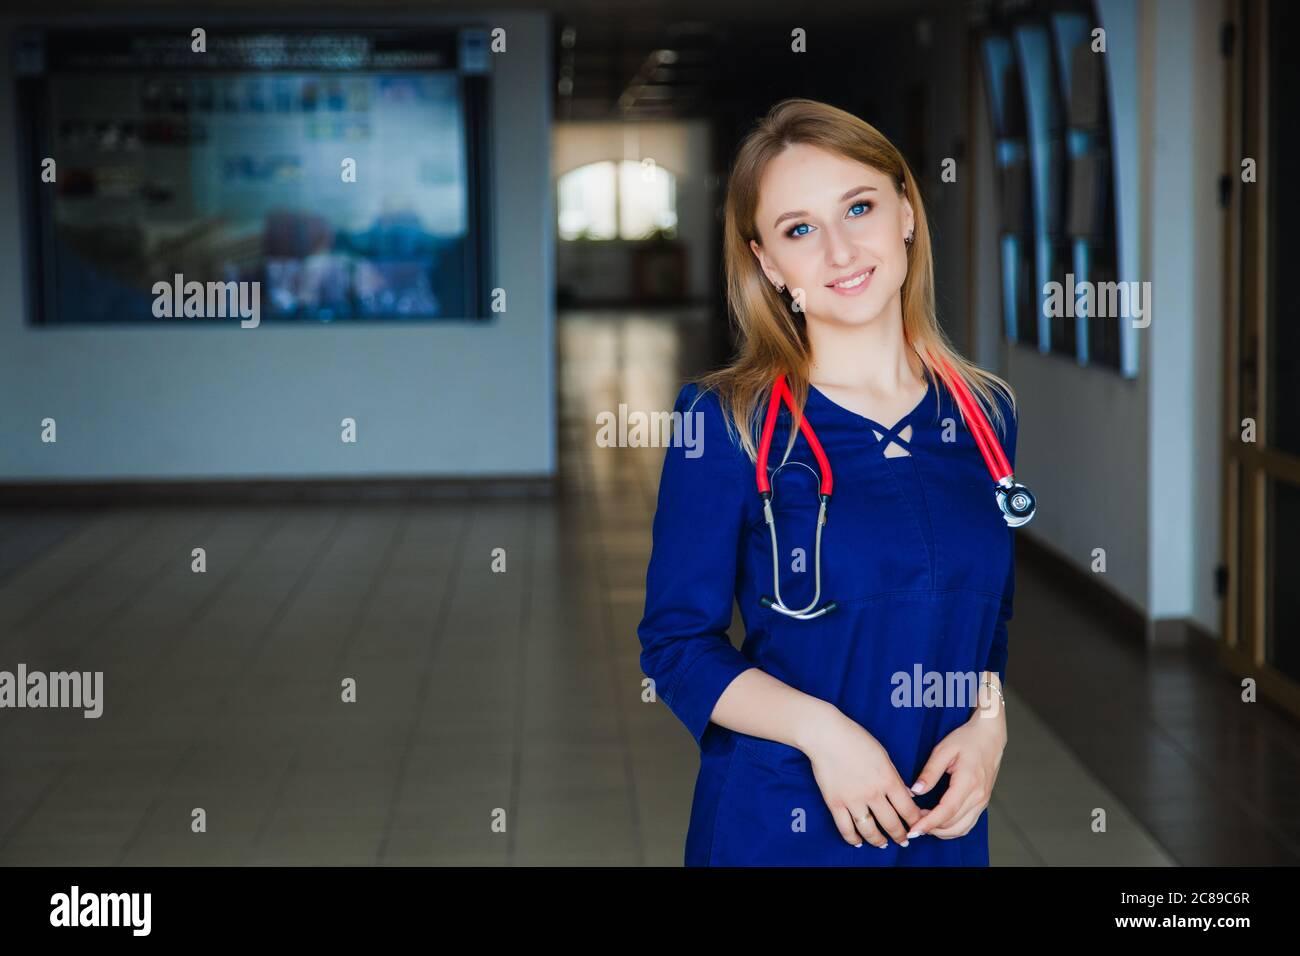 Estudiante de medicina sonriendo en la cámara de la universidad en un traje azul quirúrgico. Foto de stock